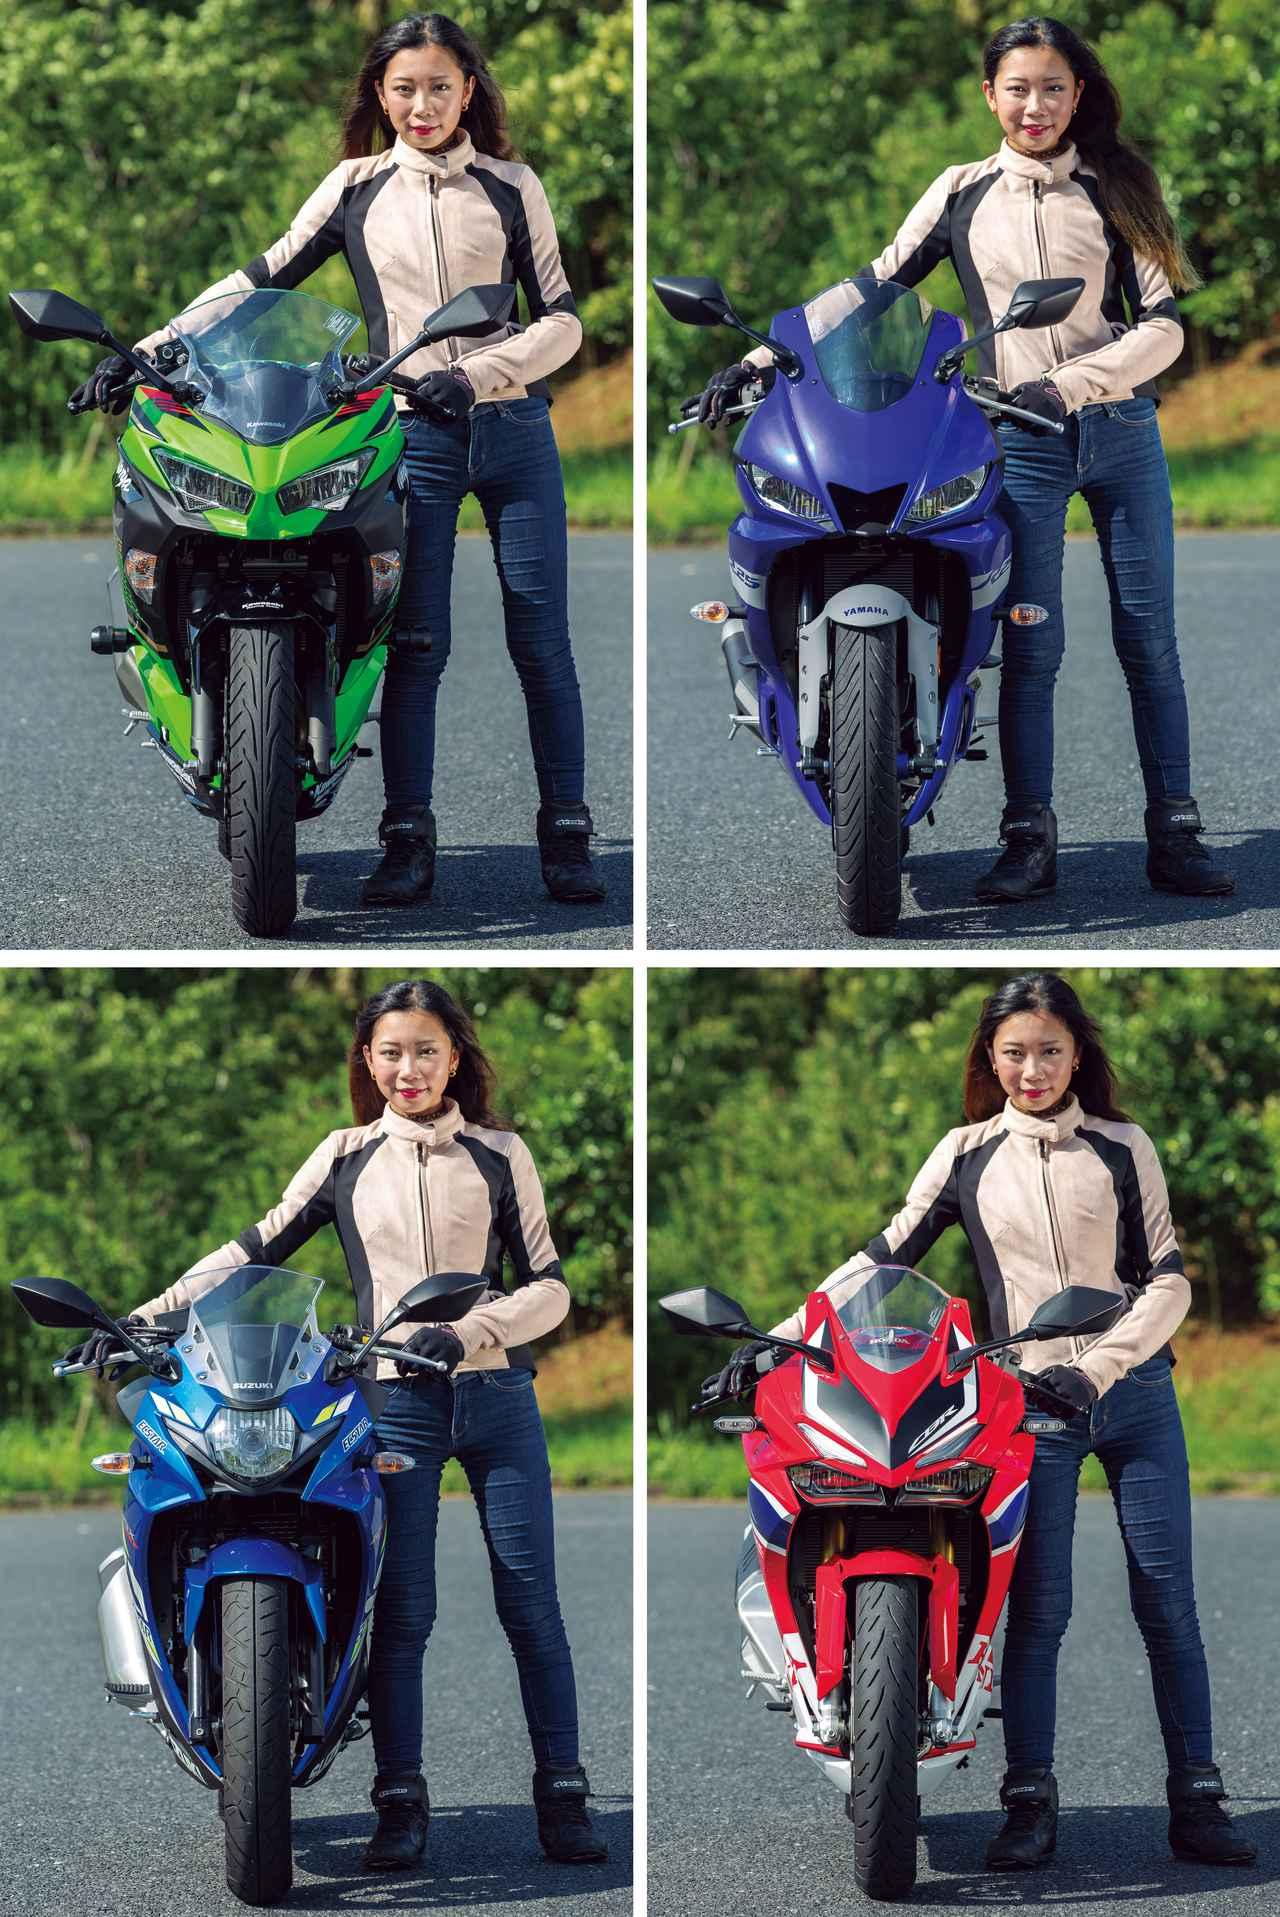 【取り回しナンバーワン選手権】250ccスポーツバイク4台を比較!カワサキNinja250・ヤマハYZF-R25・スズキGSX250R・ホンダCBR250RR